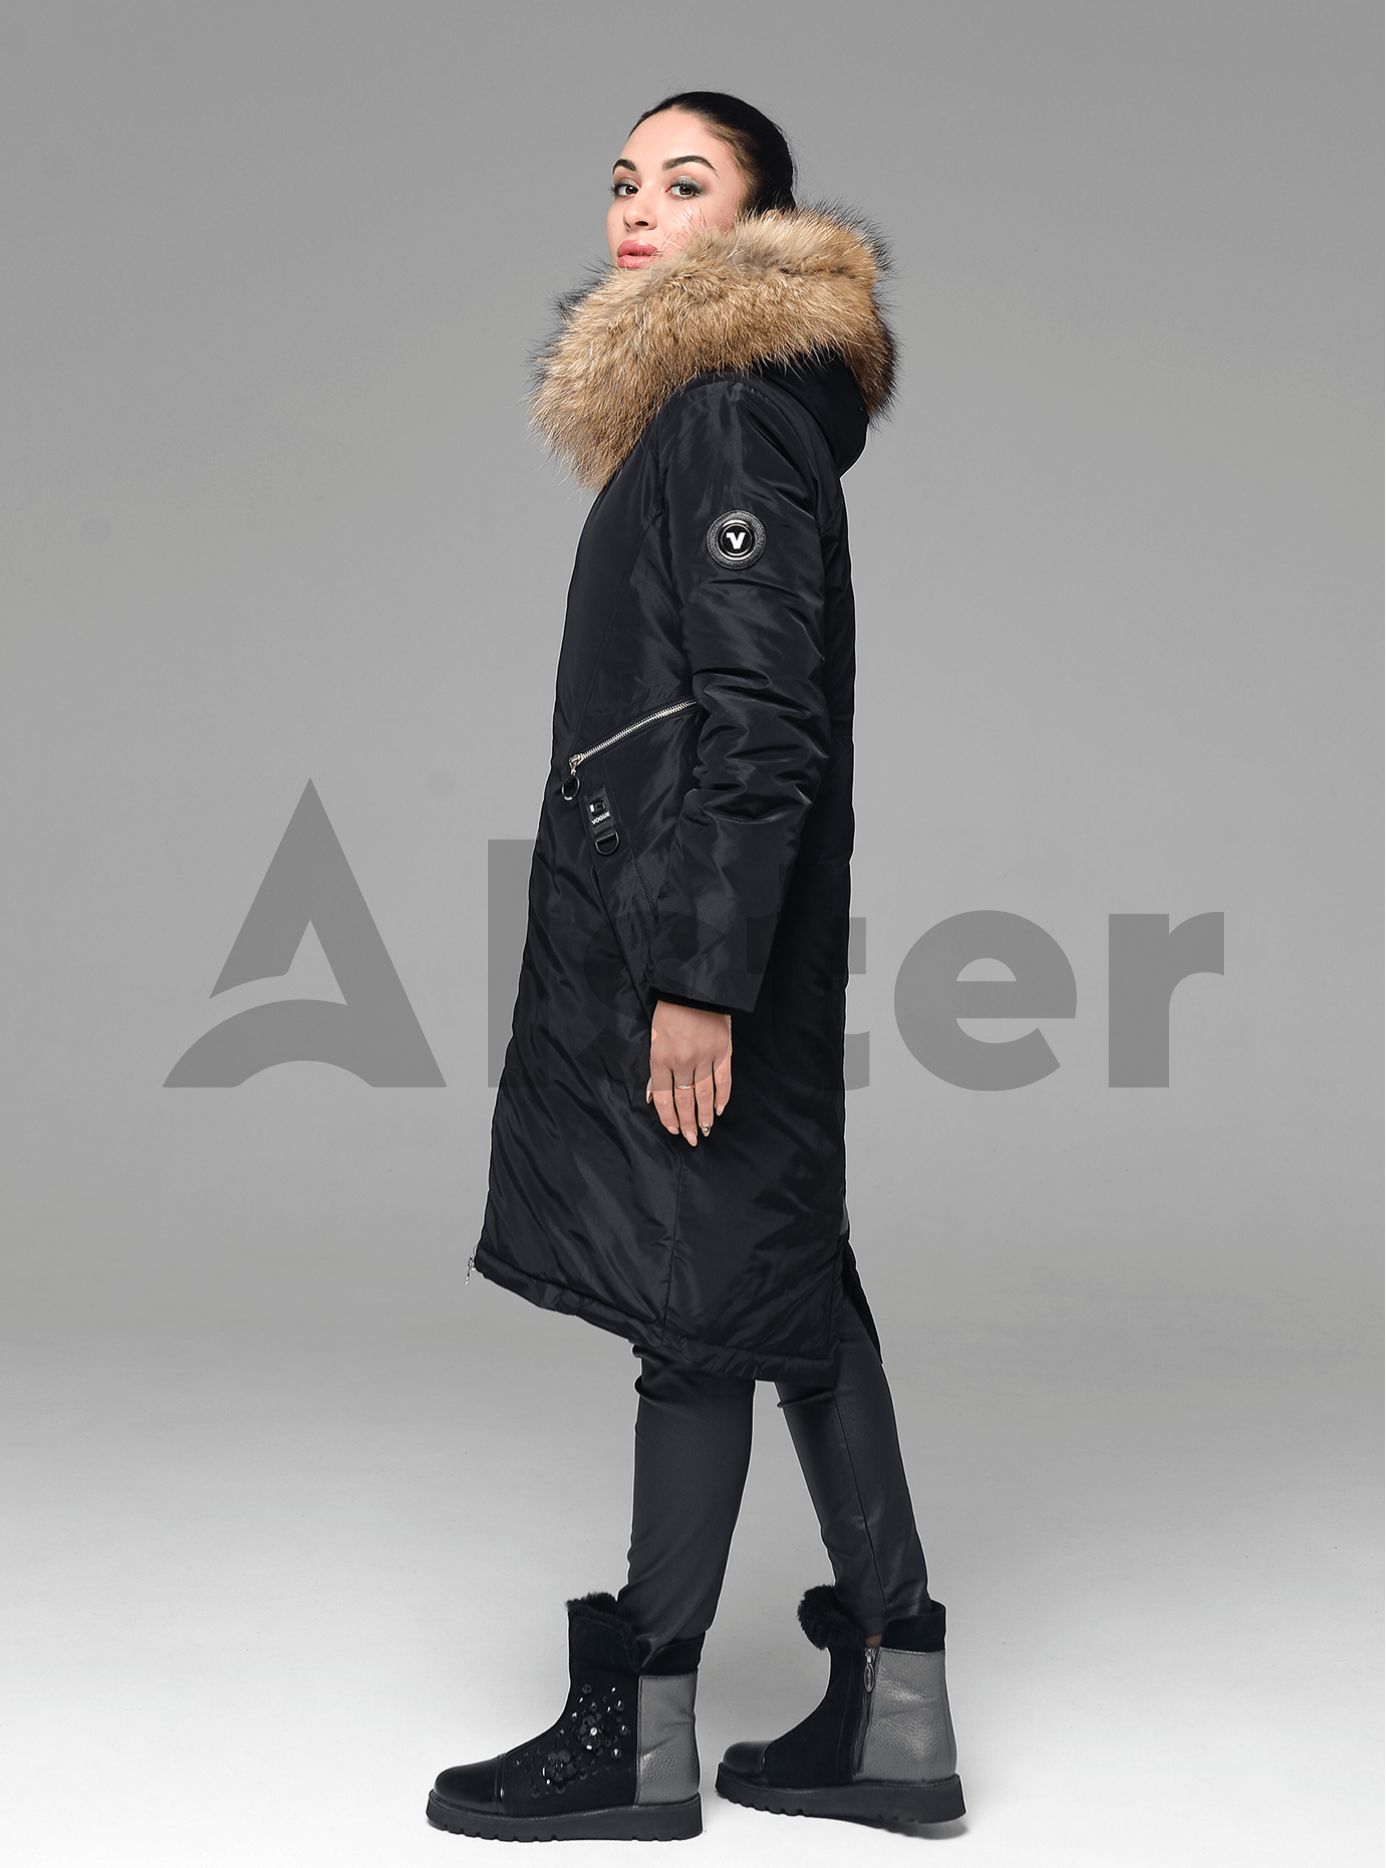 Куртка зимняя длинная прямого кроя с мехом енота Чёрный S (05-V191239): фото - Alster.ua